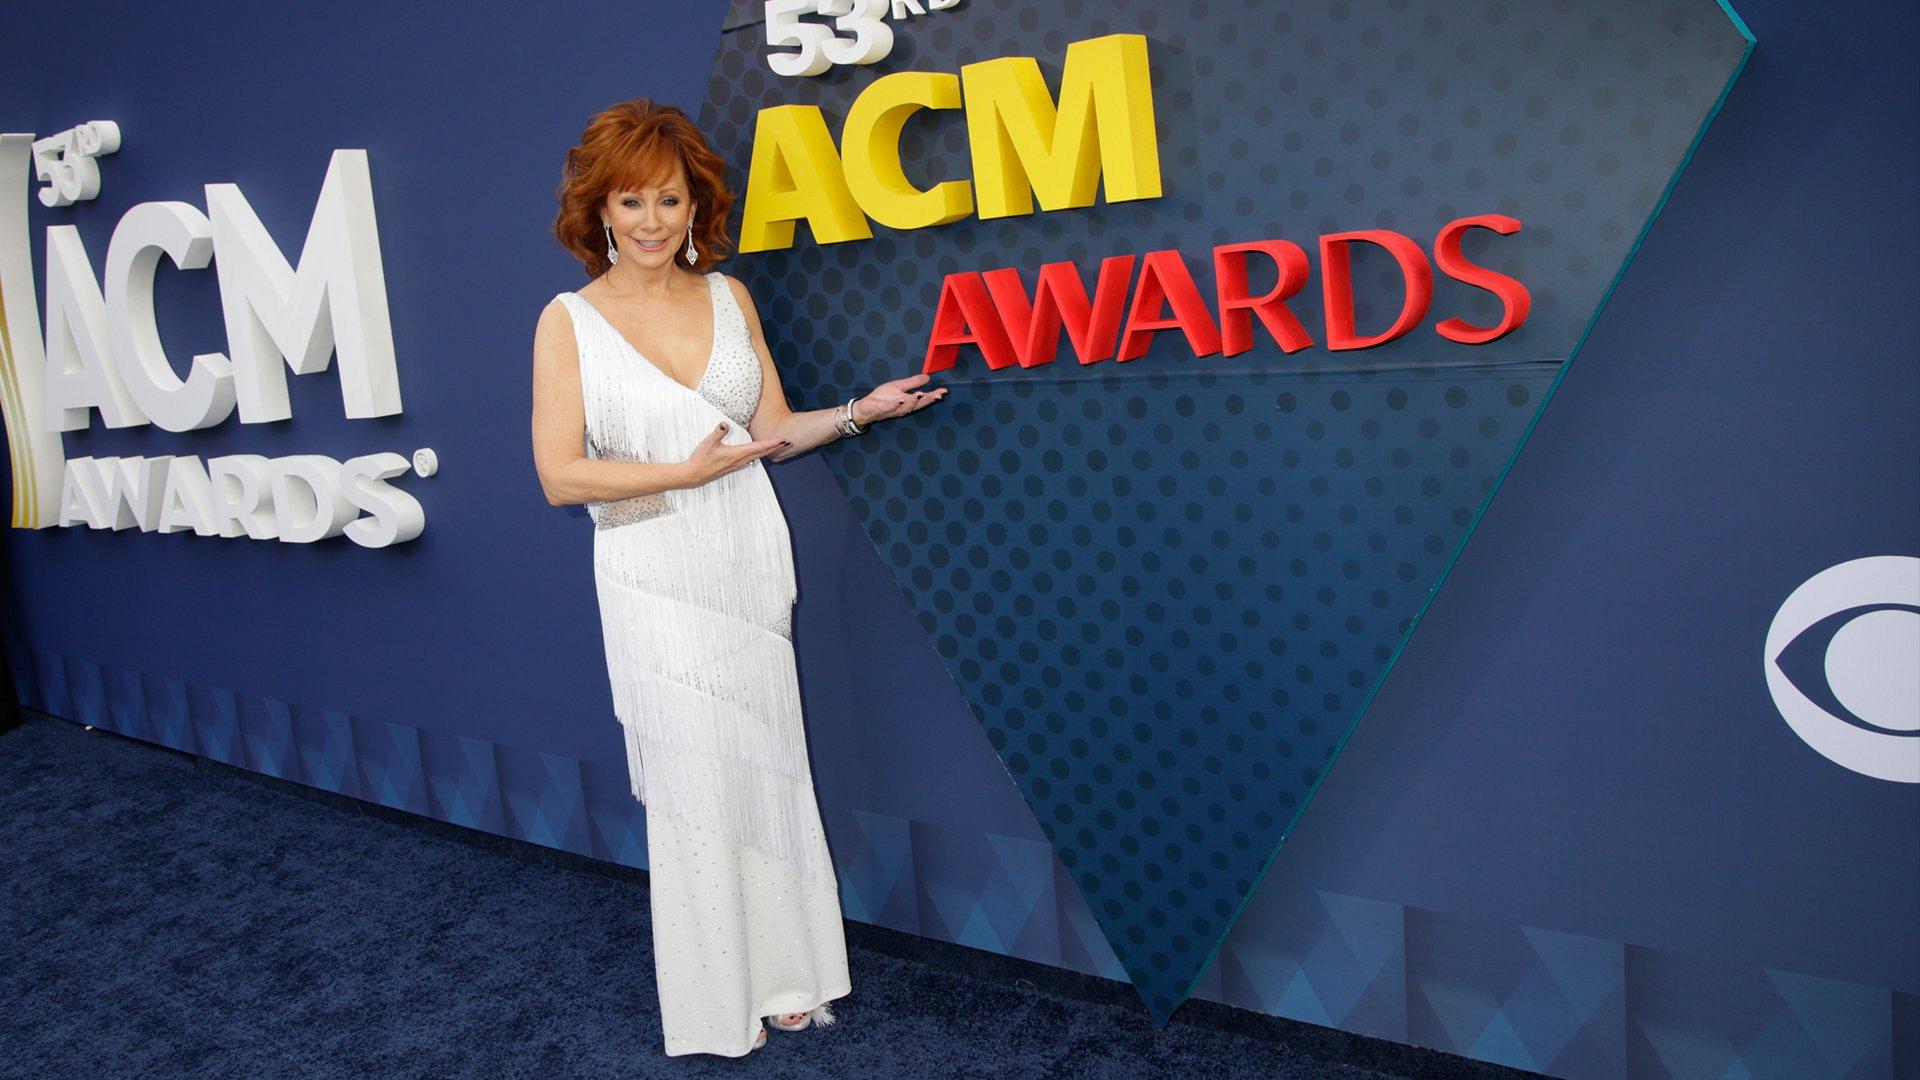 Image result for acm awards